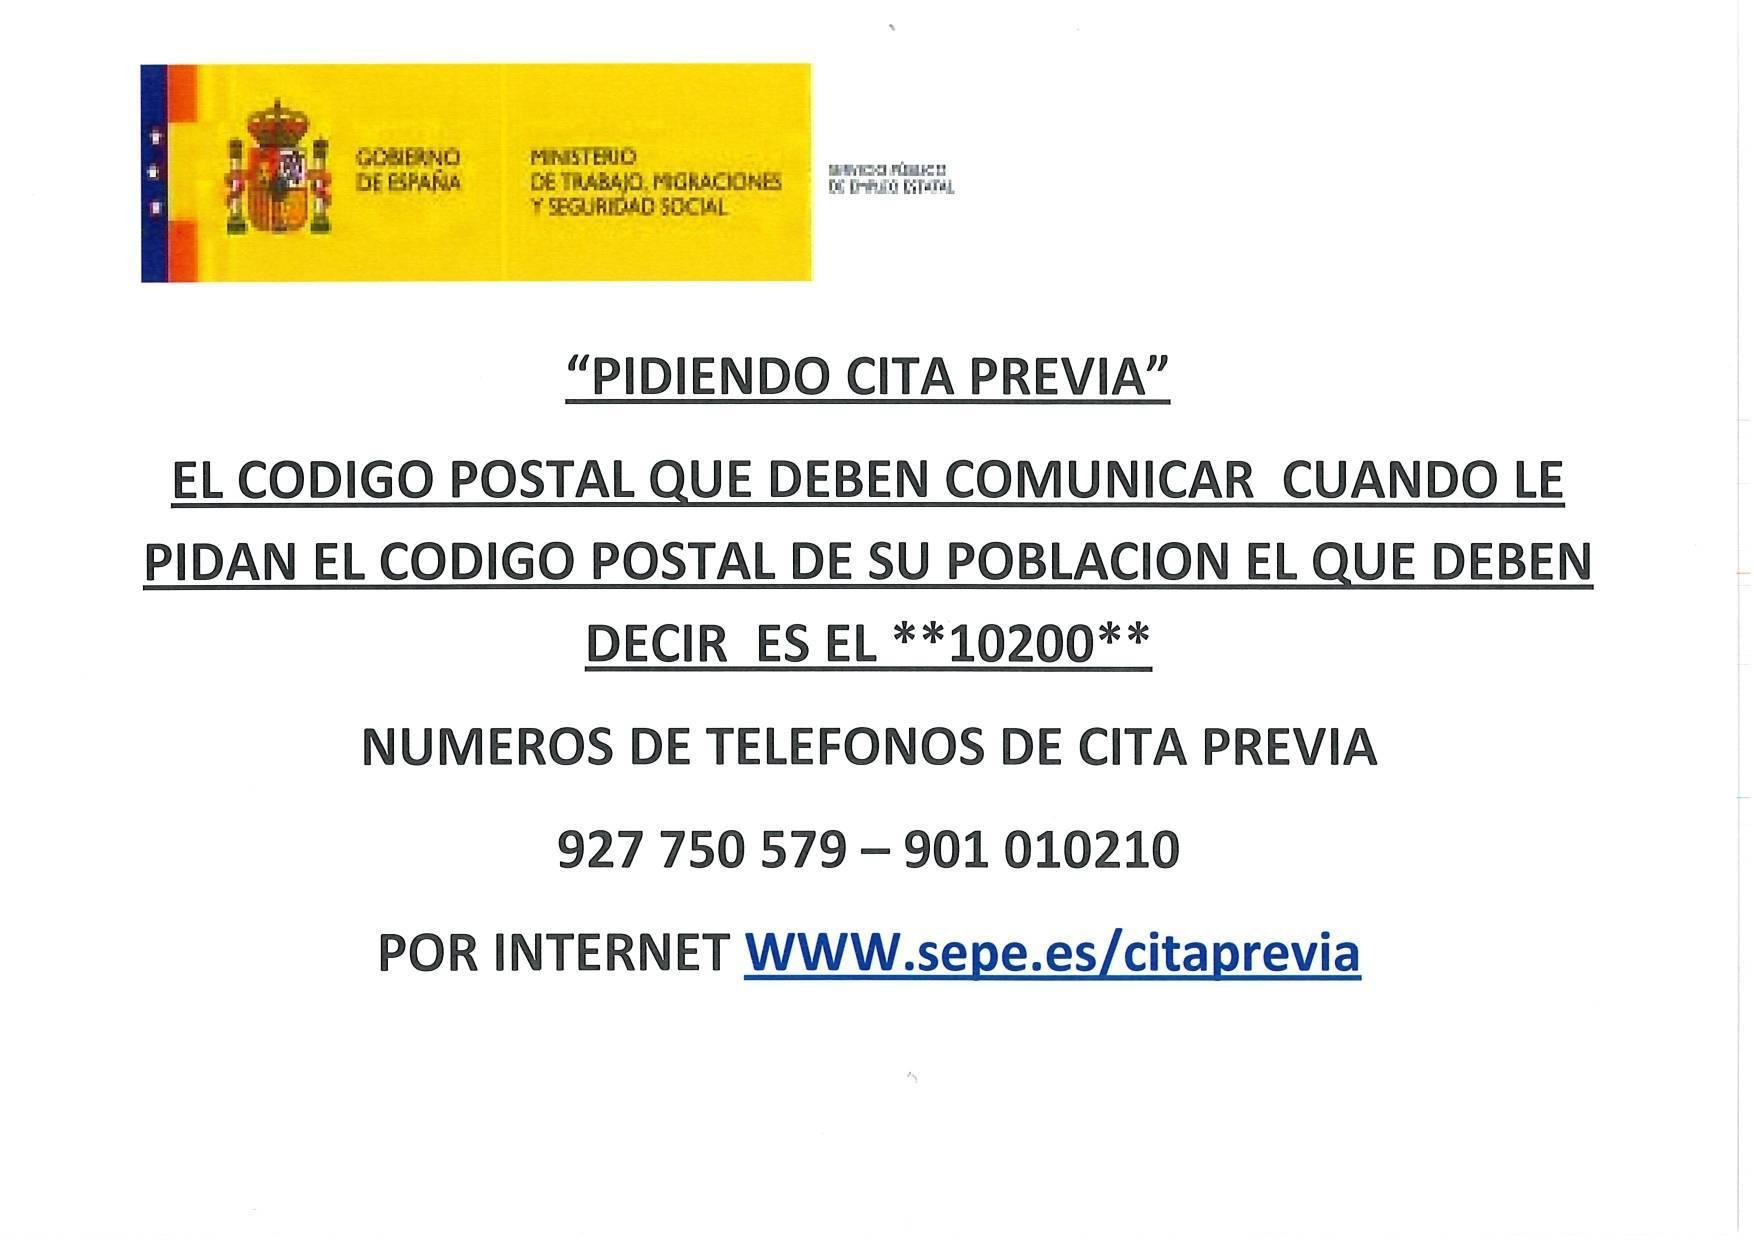 Oficina del SEPE cerrada octubre 2019 - Cañamero (Cáceres) 2